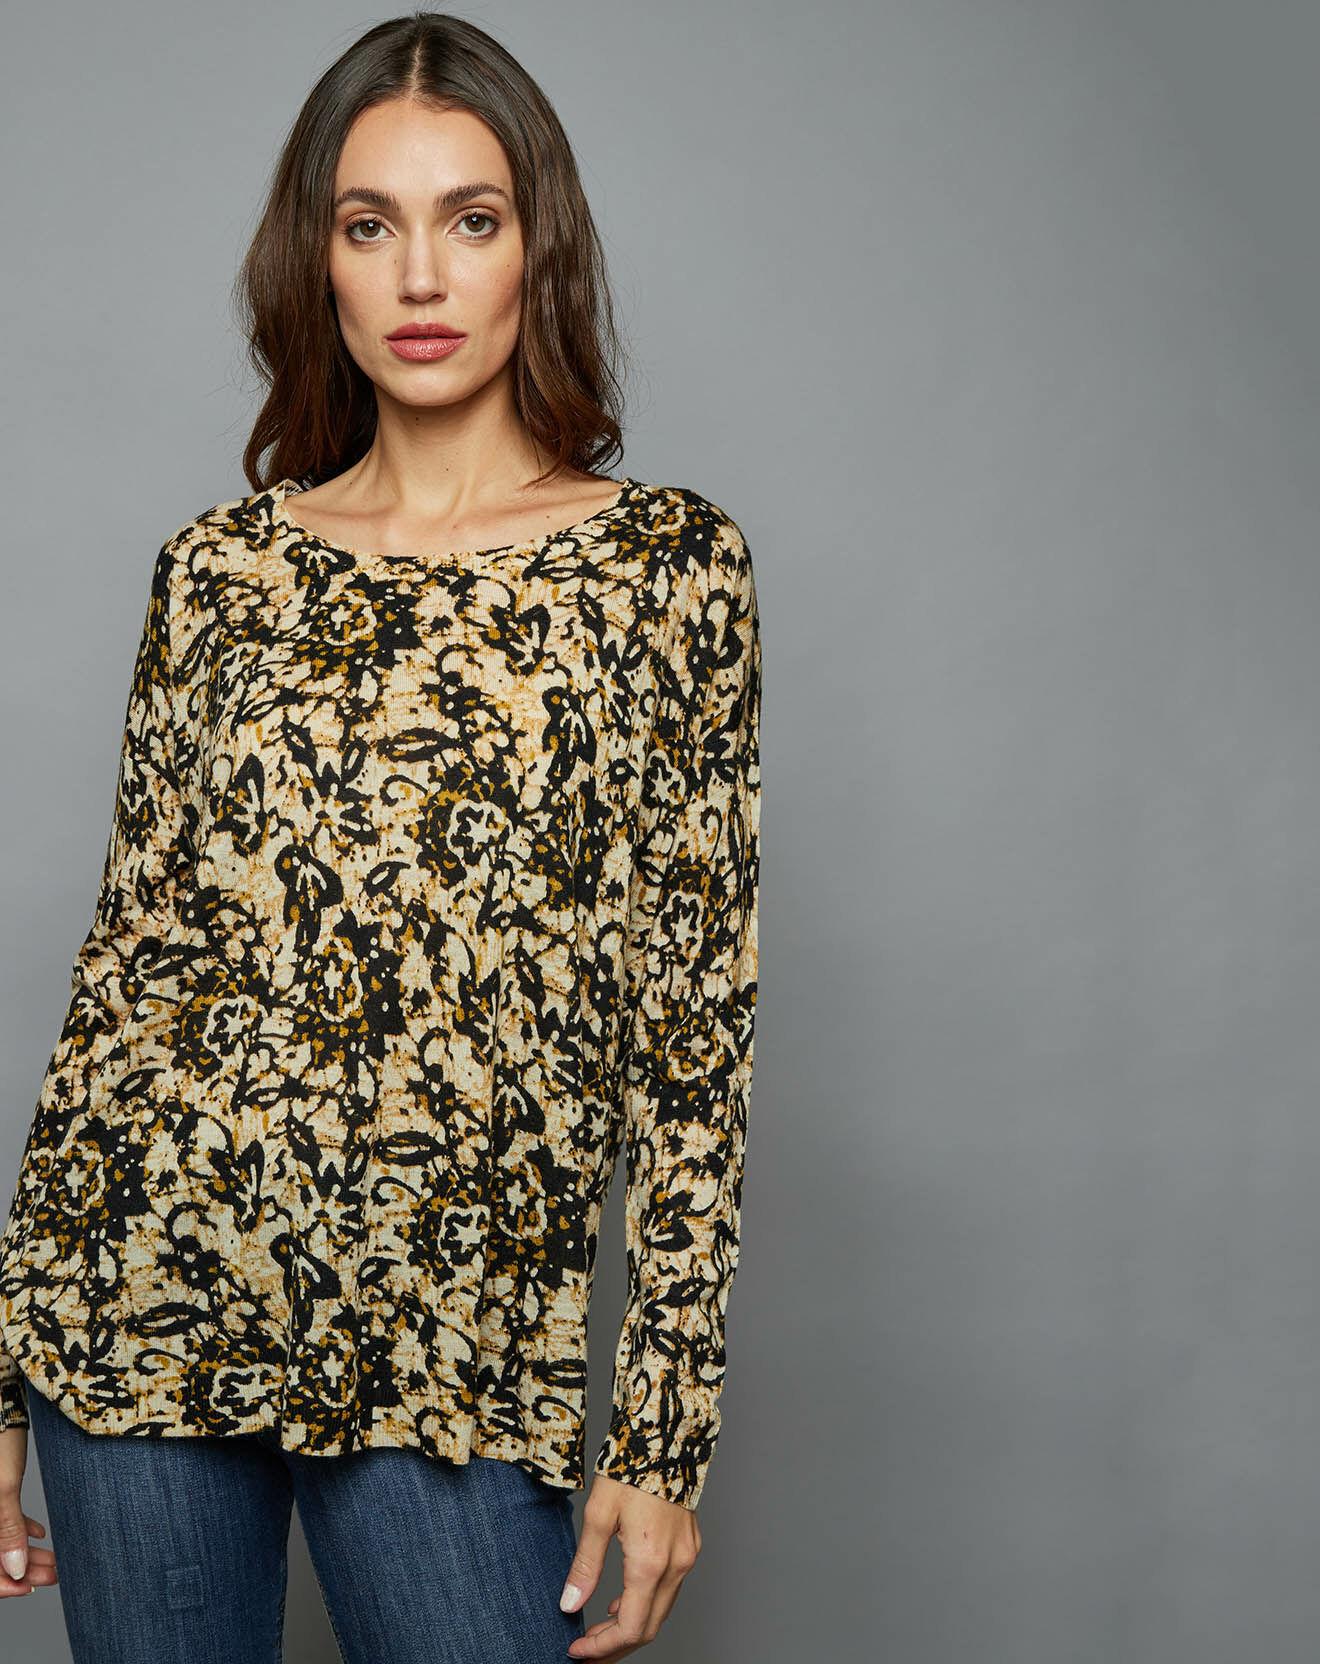 Pull ample en Laine & Cachemire African Batik multicolore